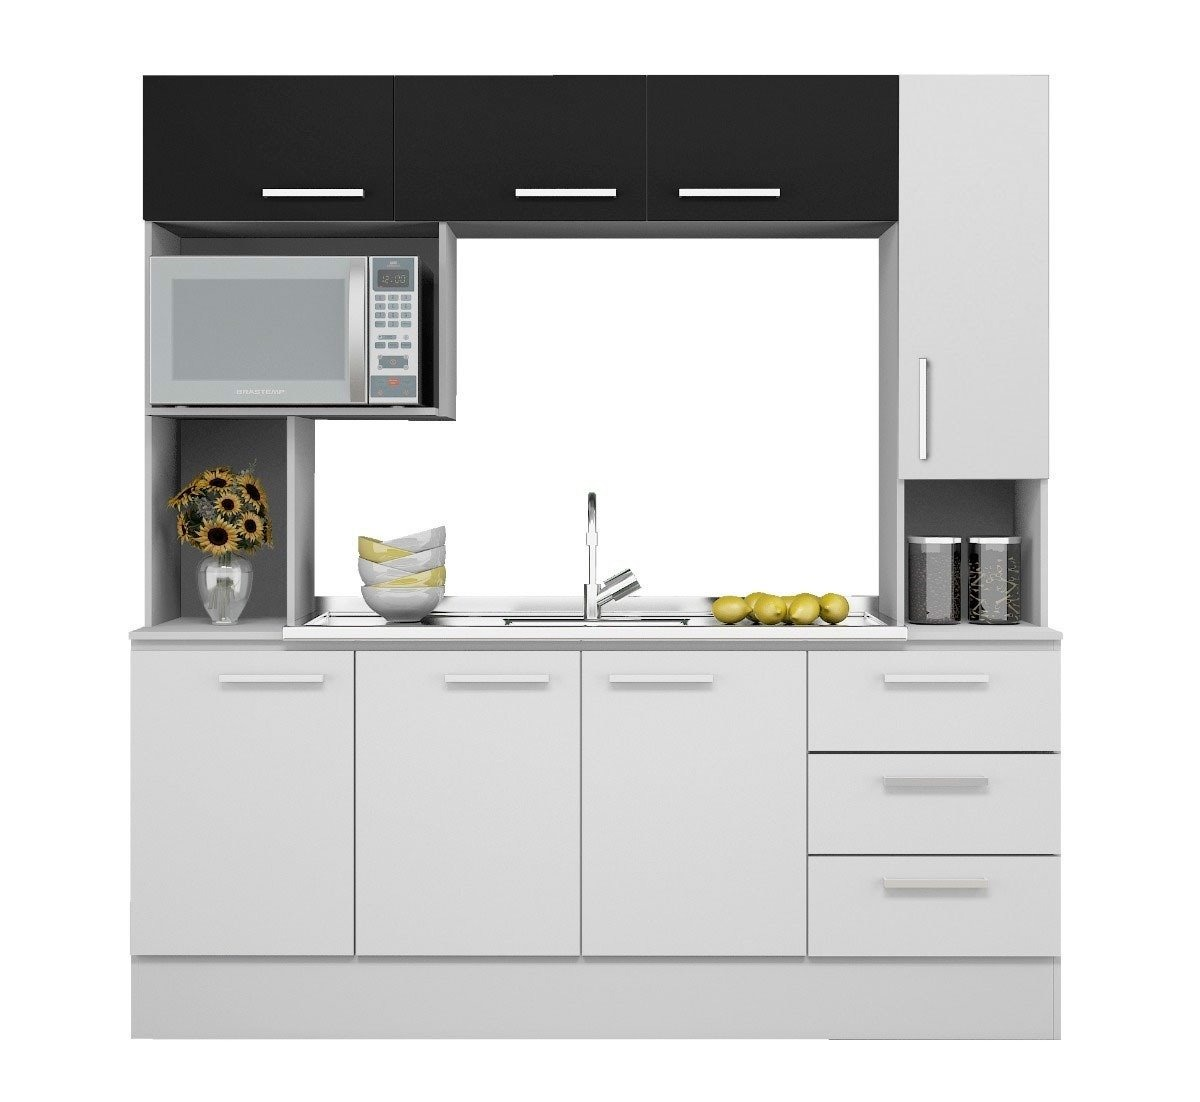 Mueble Cocina Napoles + Pileta Acero Inoxidable Ventas1002 - $ 7.390 ...